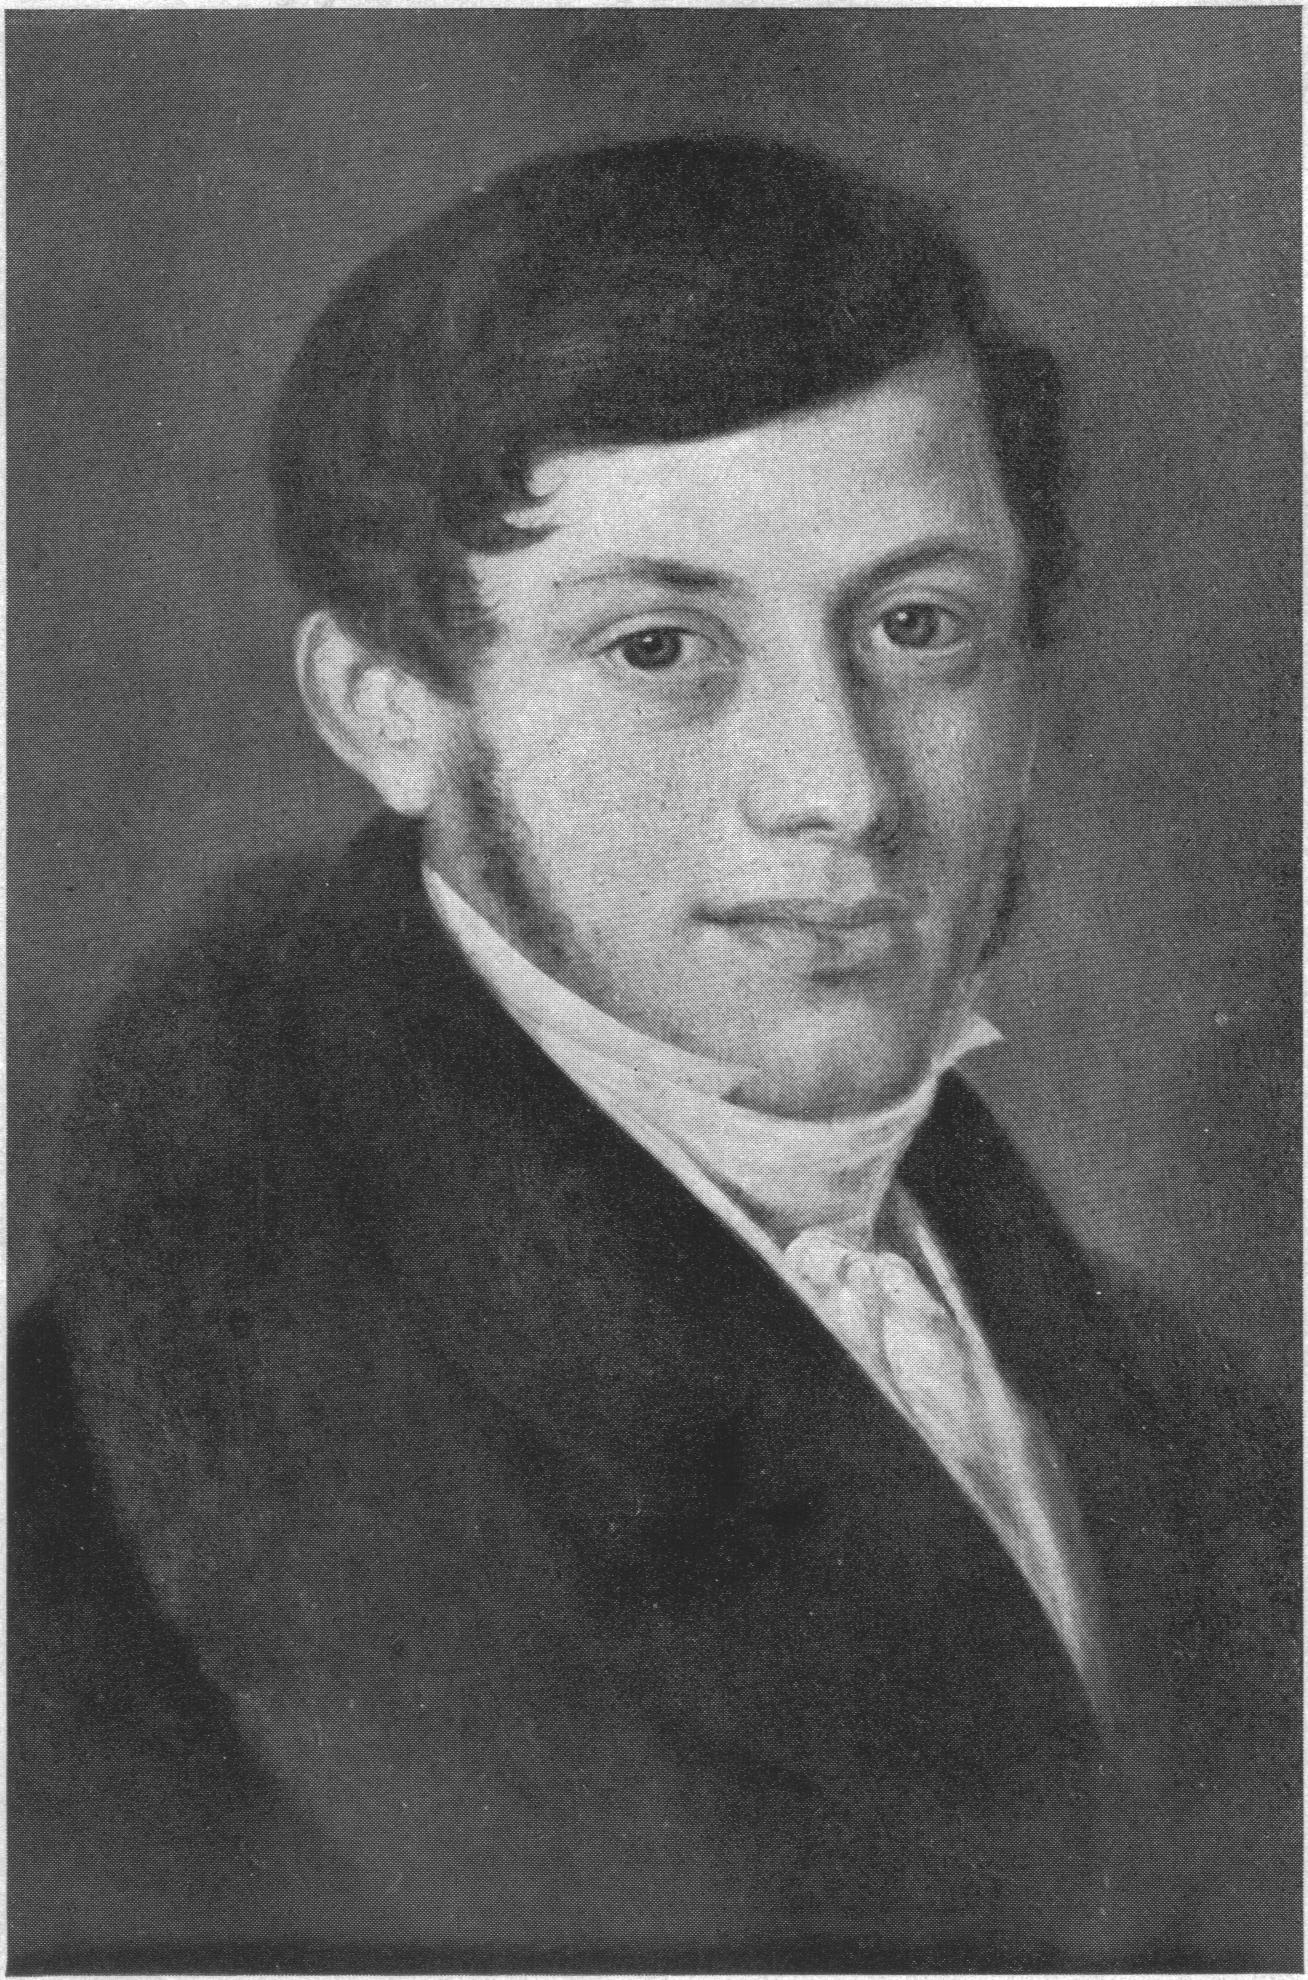 Gørbitz: Frederik Stang